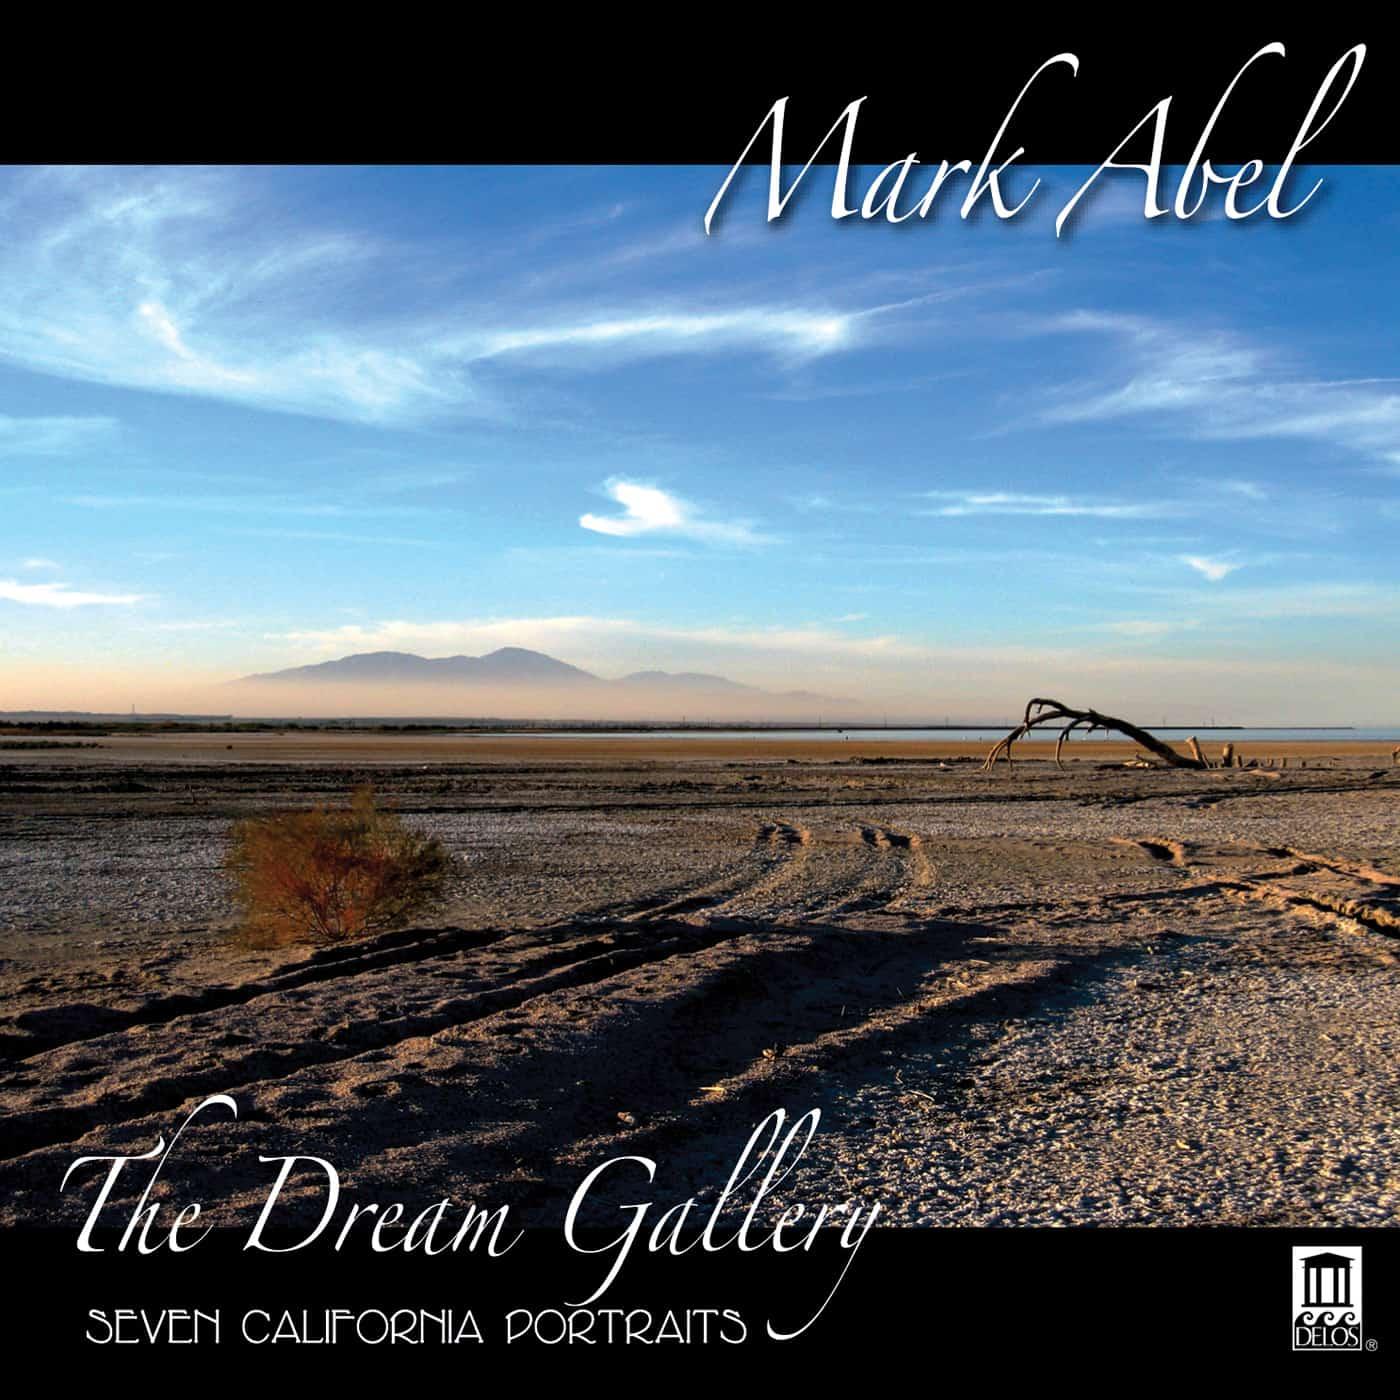 Mark Abel: The Dream Gallery - Seven California Portraits